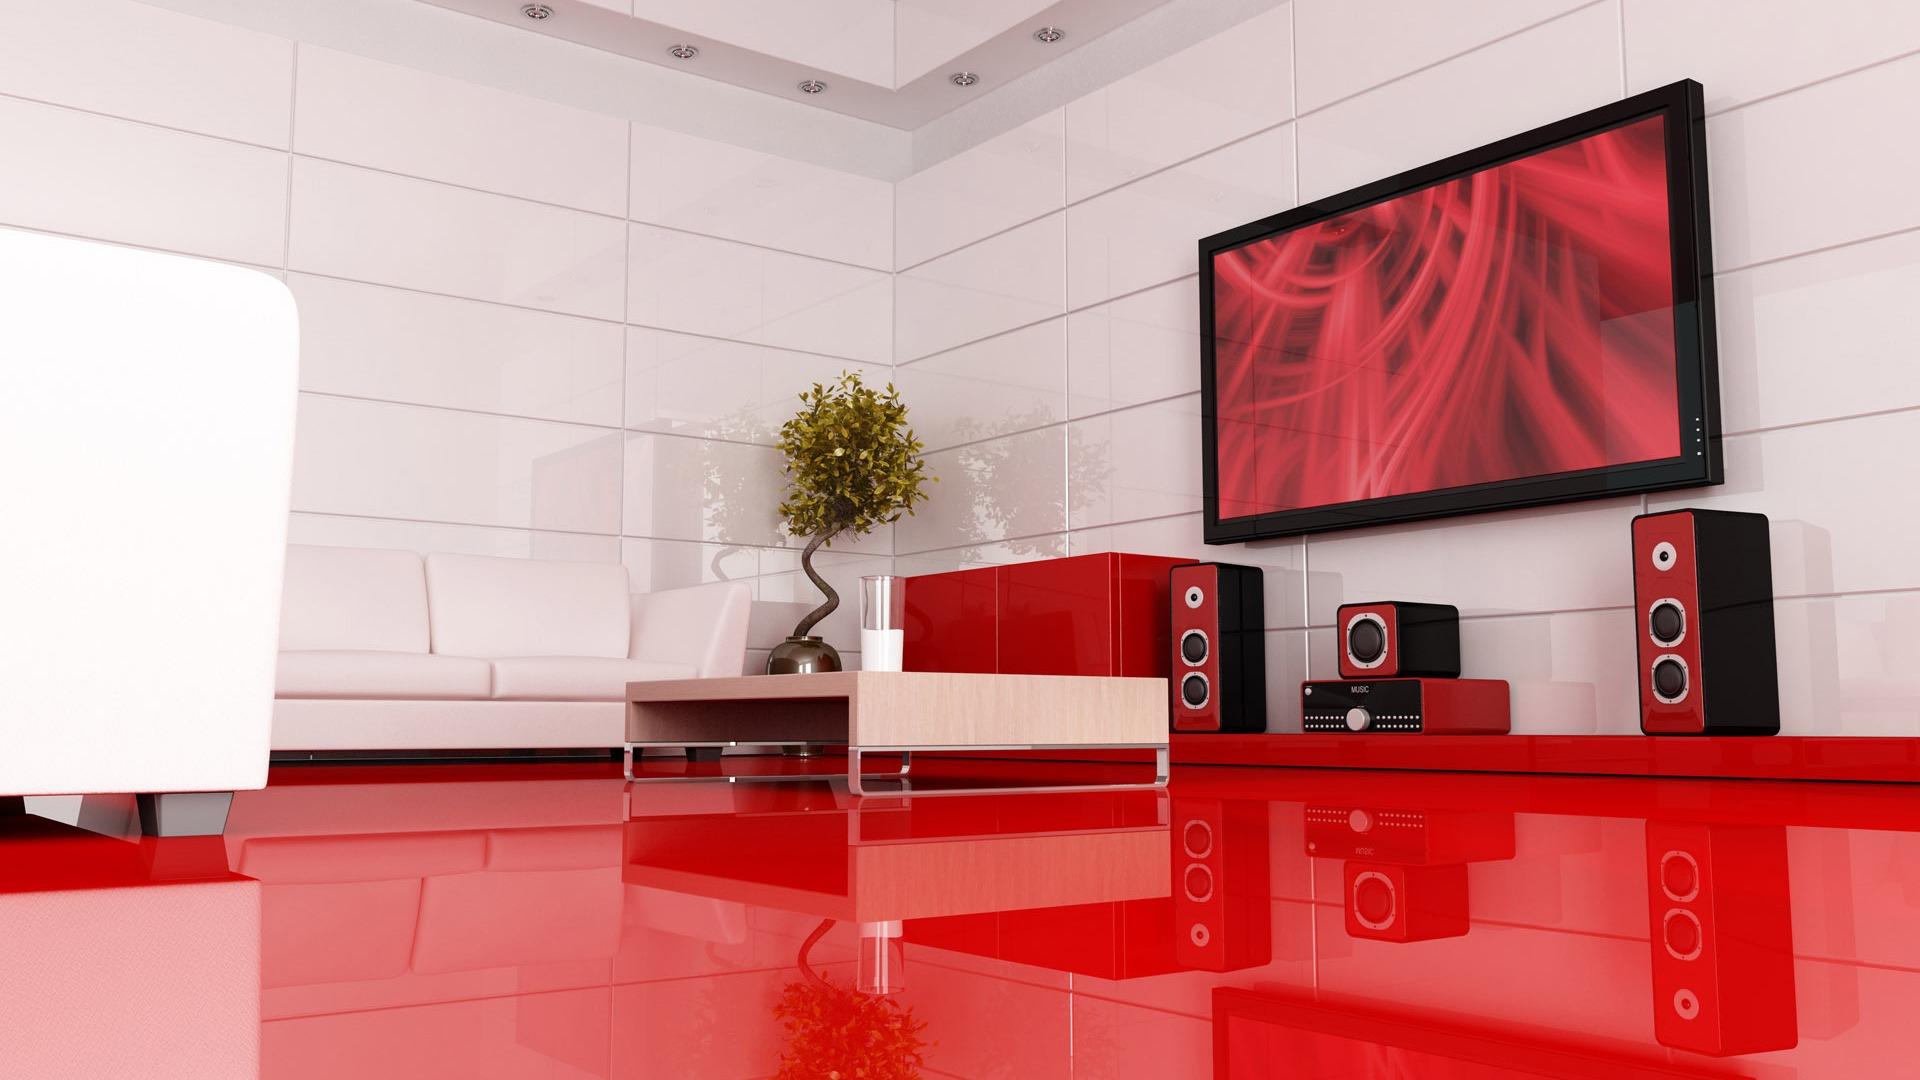 red-modern-interior-design-1920-1080-6670